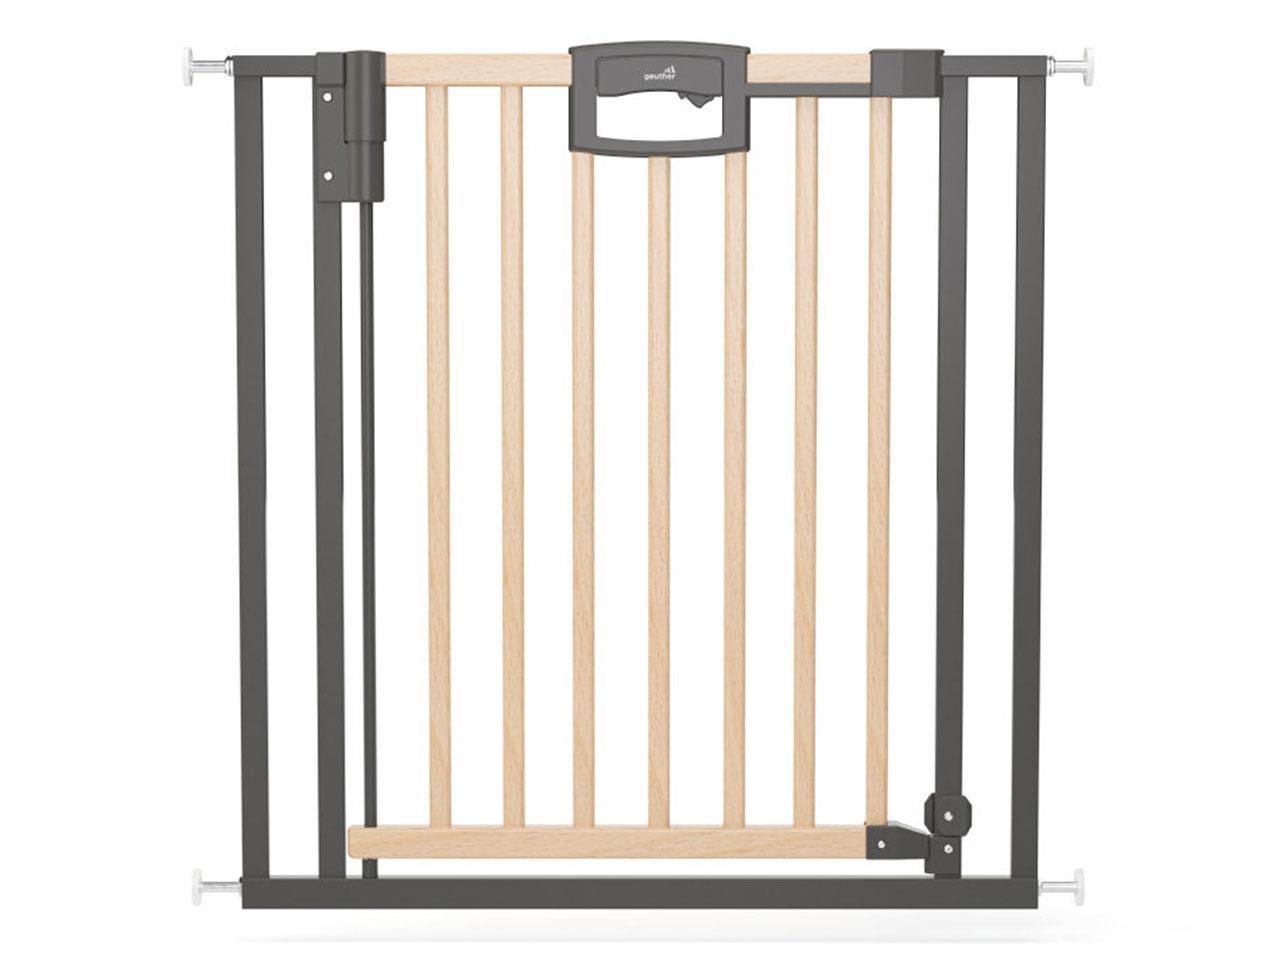 Zábrana do dveří GEUTHER Easylock Wood Plus 2792 80,5 - 88,5 cm